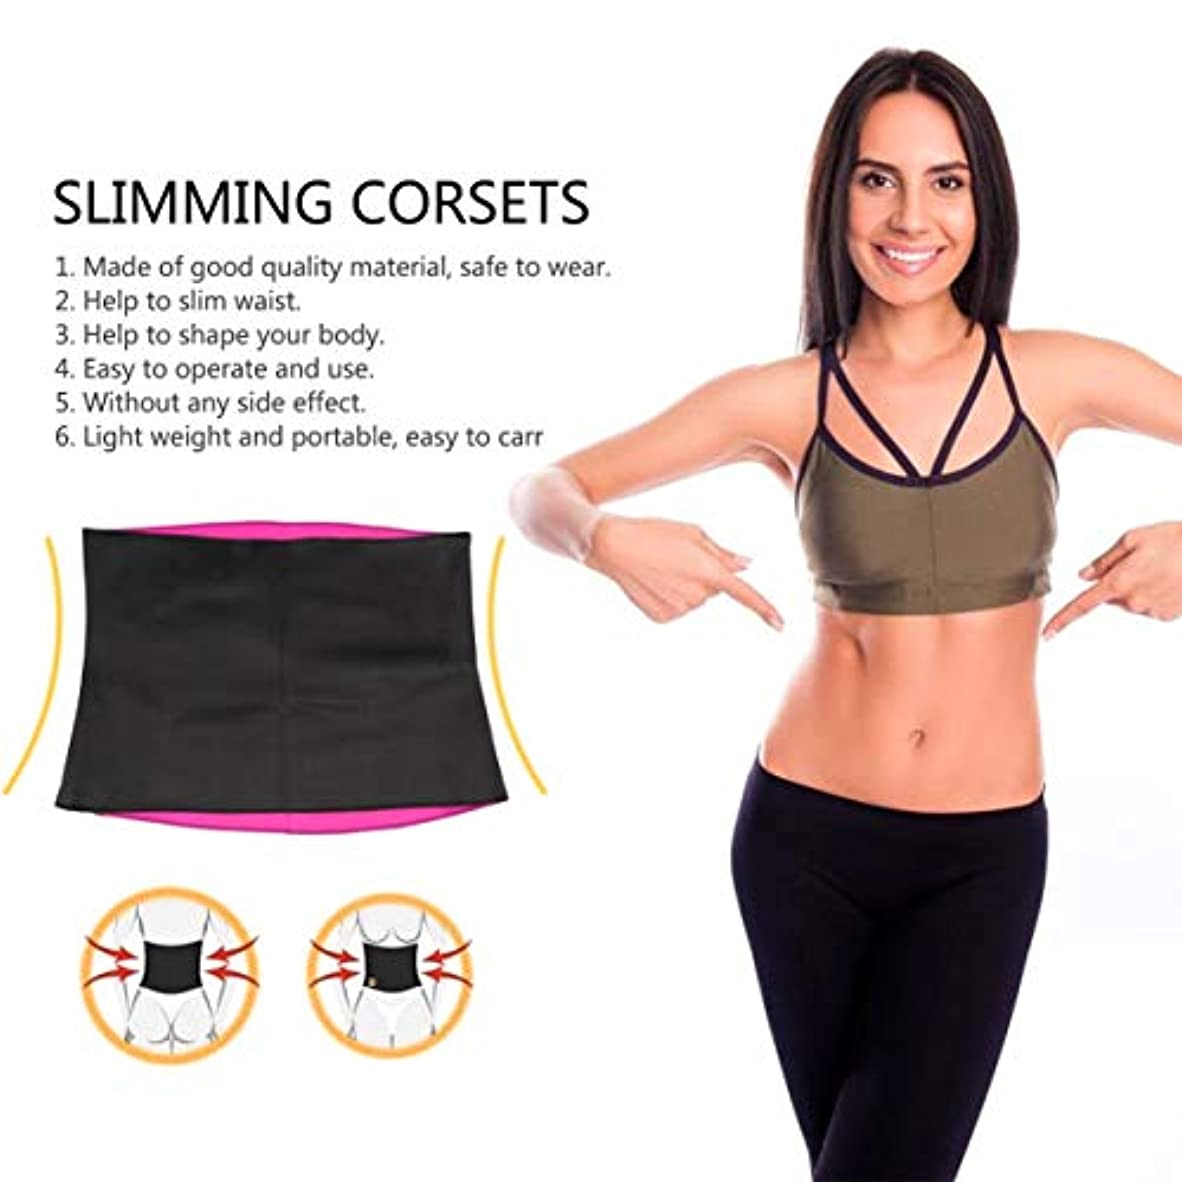 鋸歯状知人くるみWomen Adult Solid Neoprene Healthy Slimming Weight Loss Waist Belts Body Shaper Slimming Trainer Trimmer Corsets